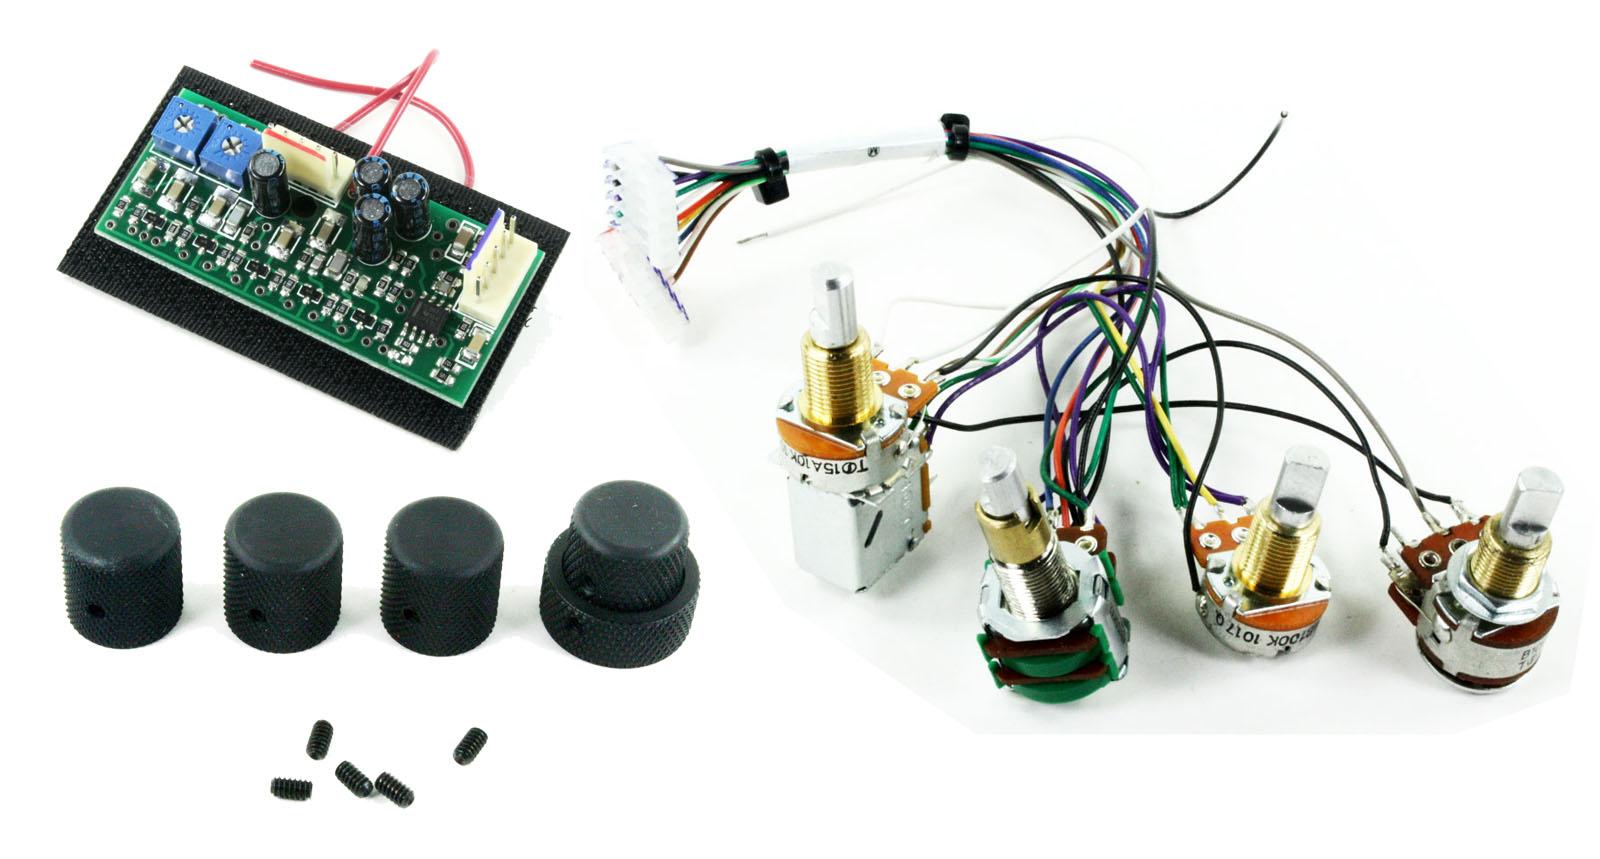 emg hz pickups wiring diagram images emg b pickups wiring diagram emg hz pickups wiring diagram together passive